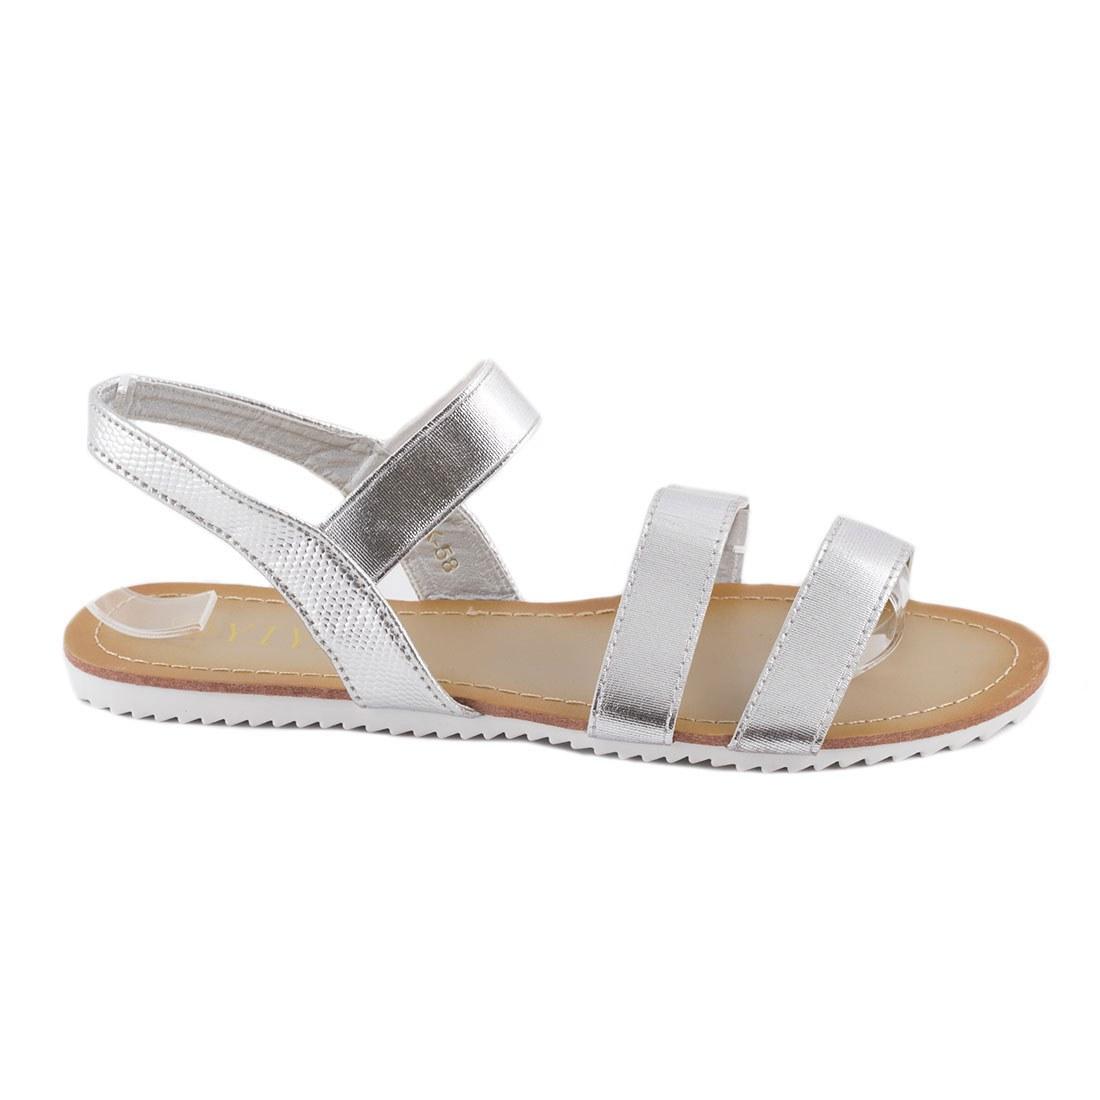 Sandale dama cu talpa joasa K-58-SILVER